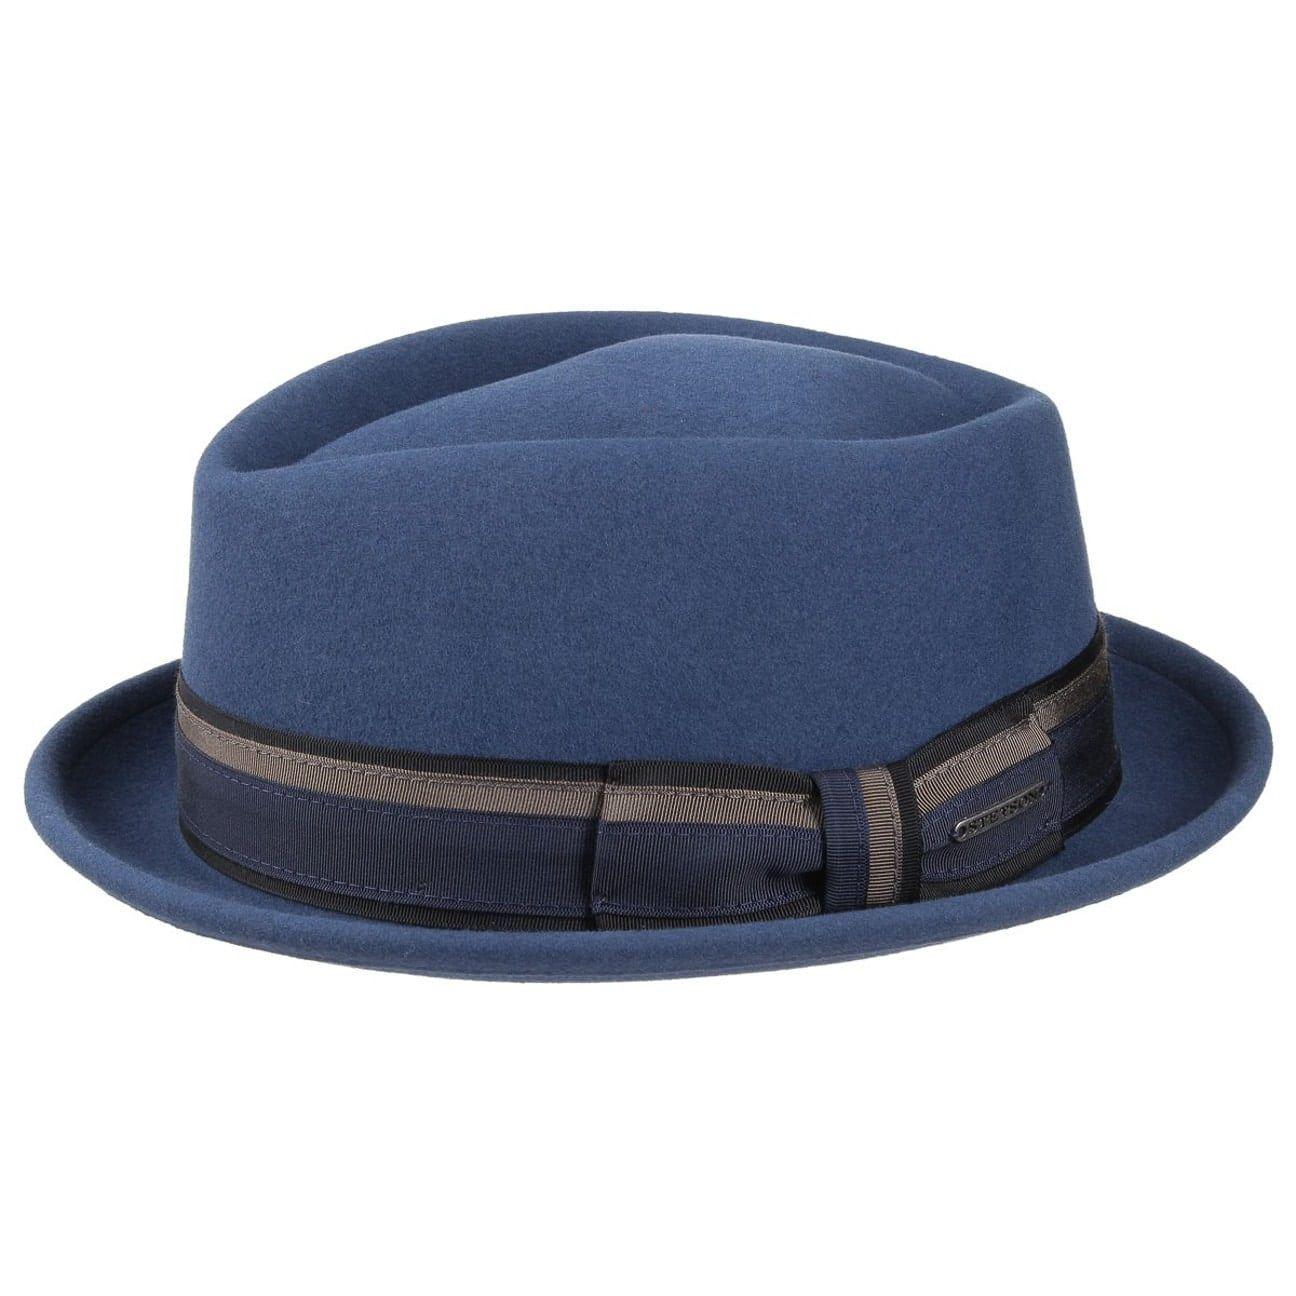 Olmsted VitaFelt Pork Pie Hat blue